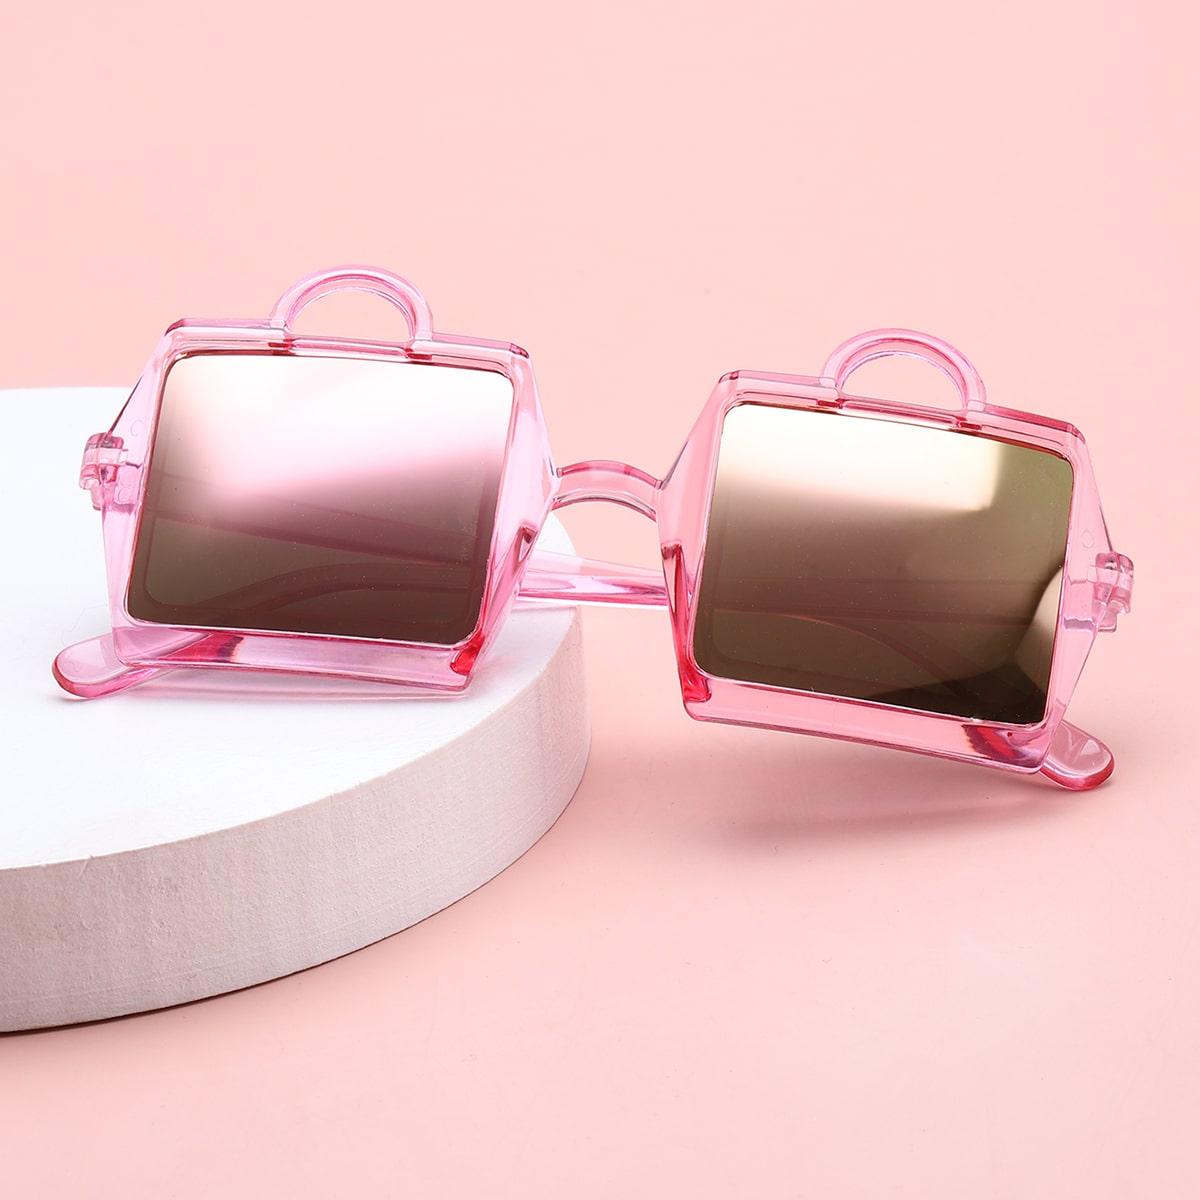 Солнцезащитные очки с тонированными линзами в акриловой оправе для девочек